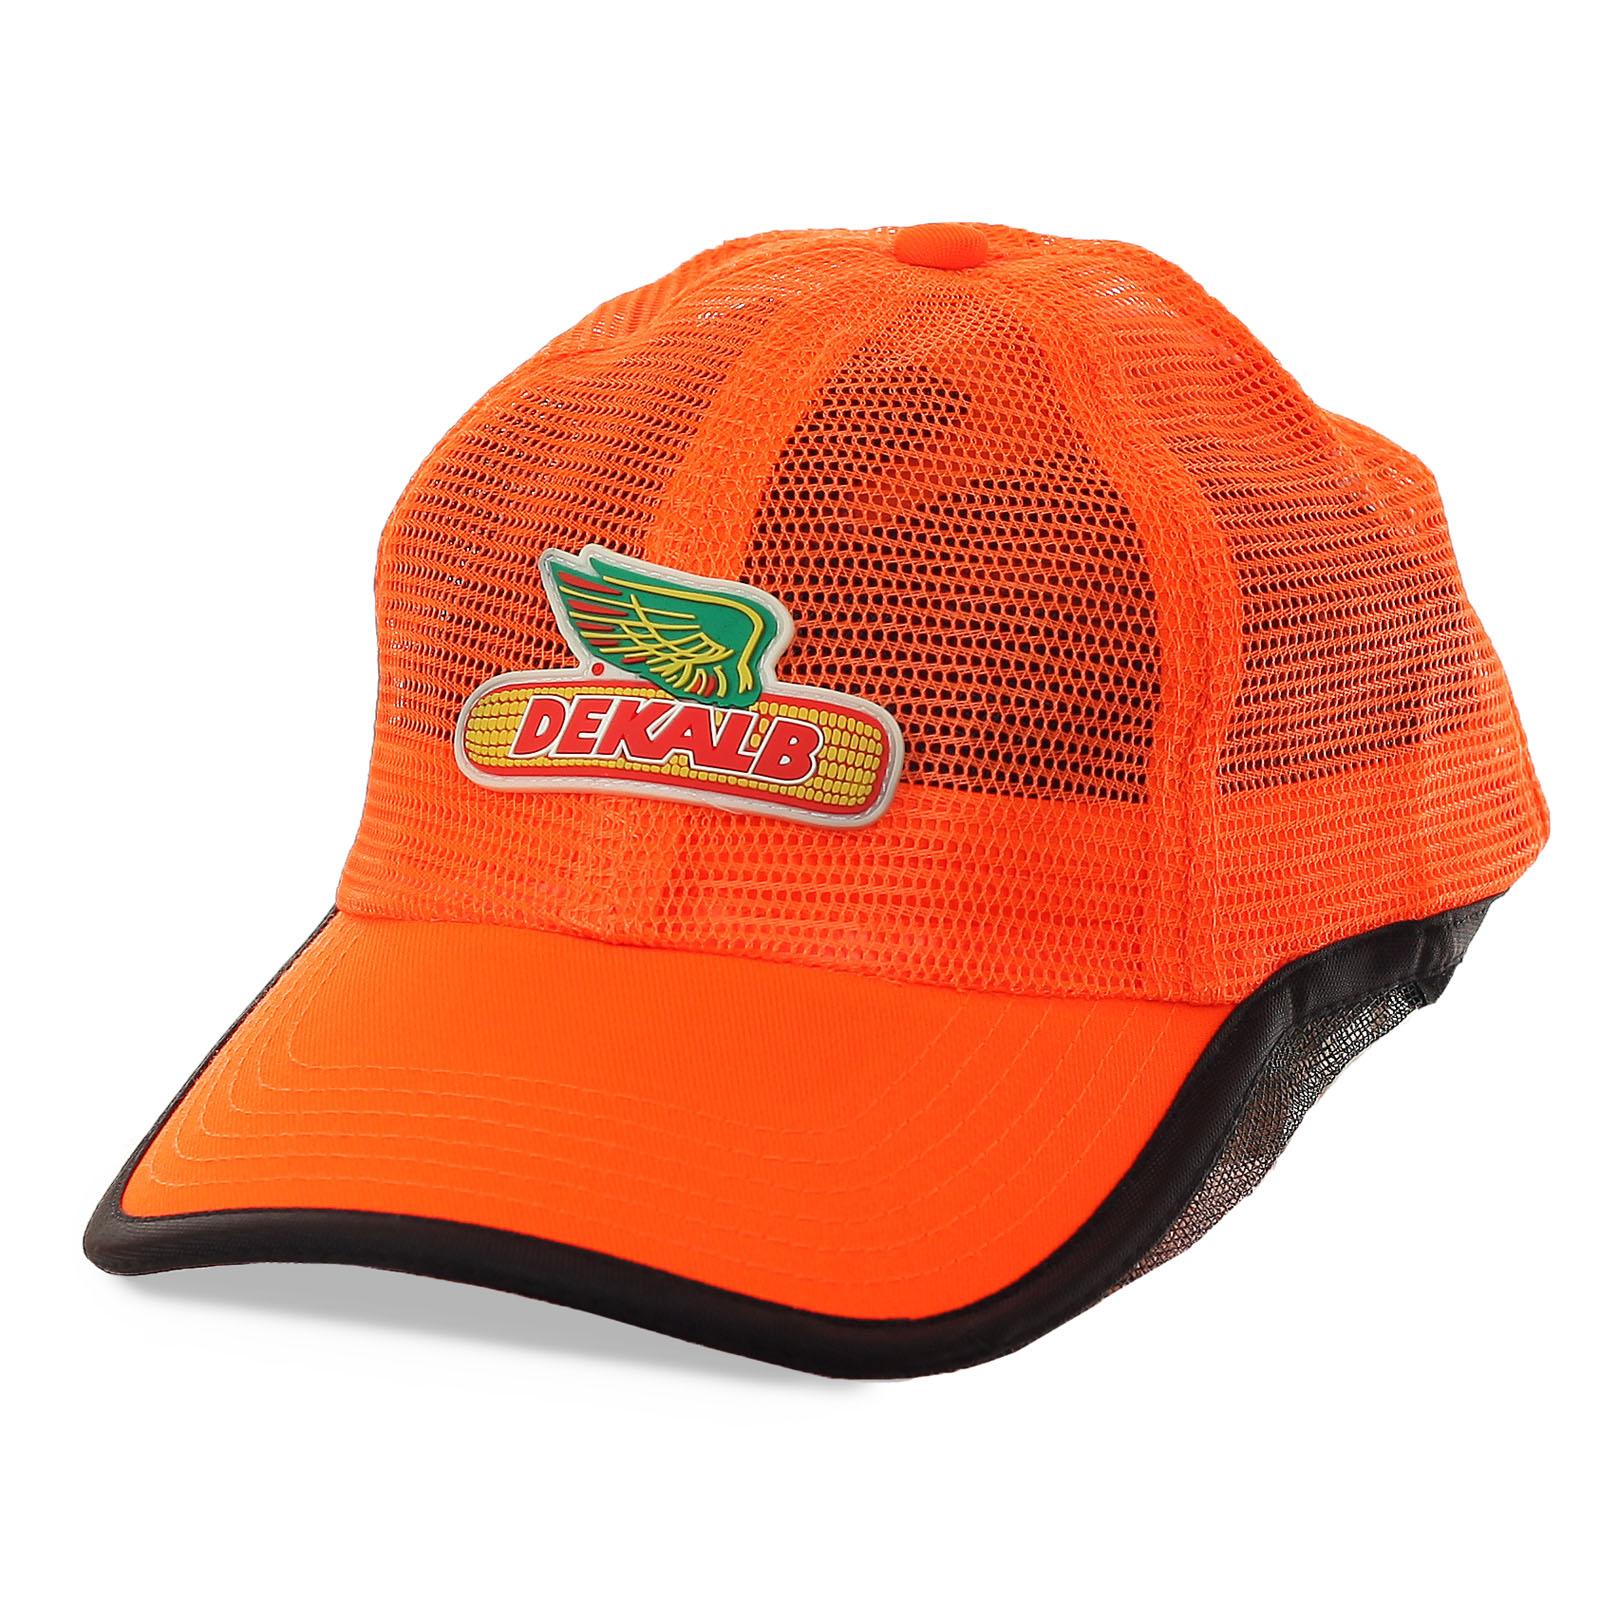 Купить кепку в Симферополе